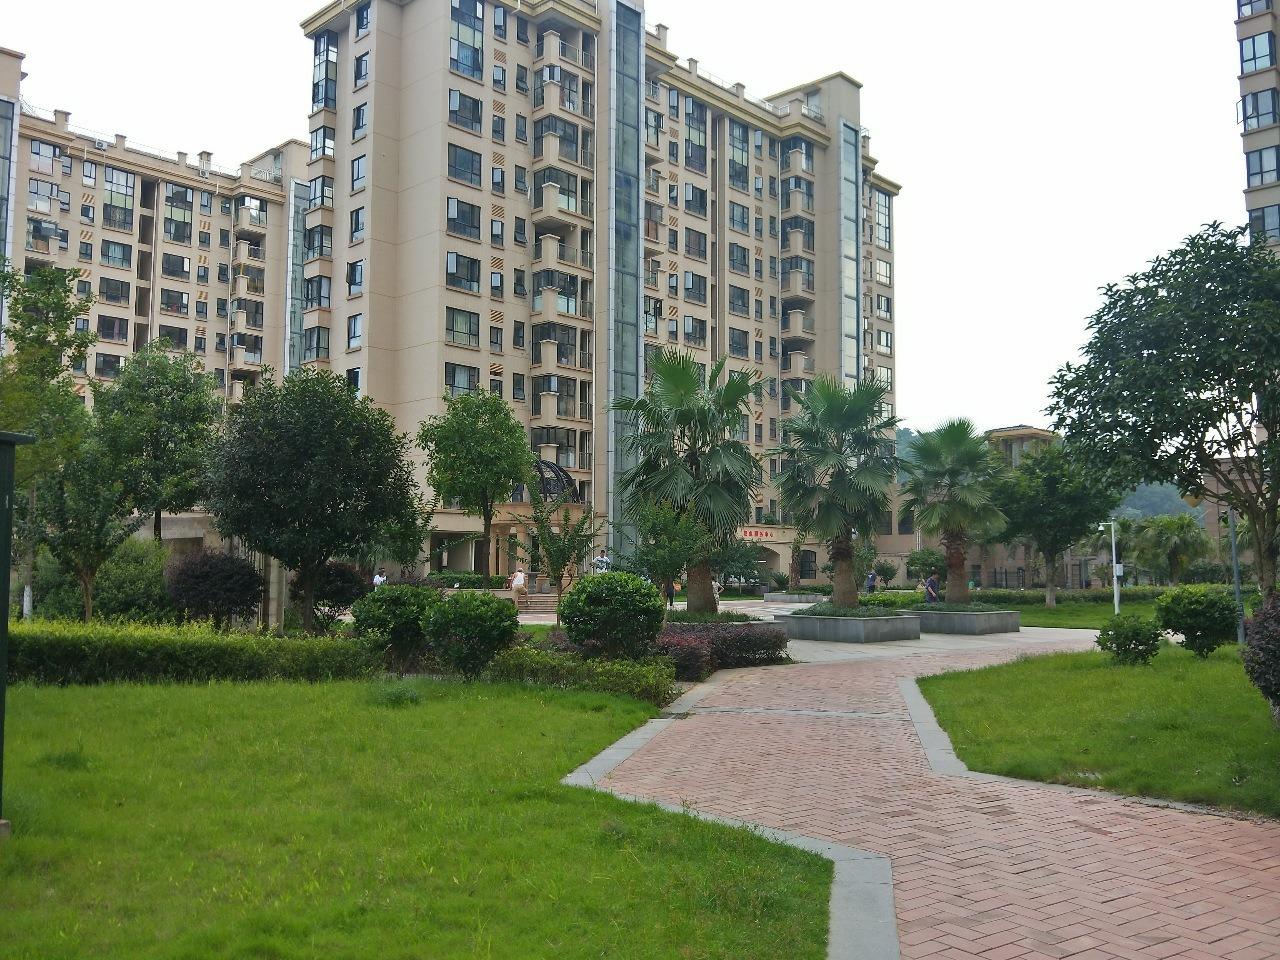 恒福竹林居,99平米大气二房,视野开阔,低价急售